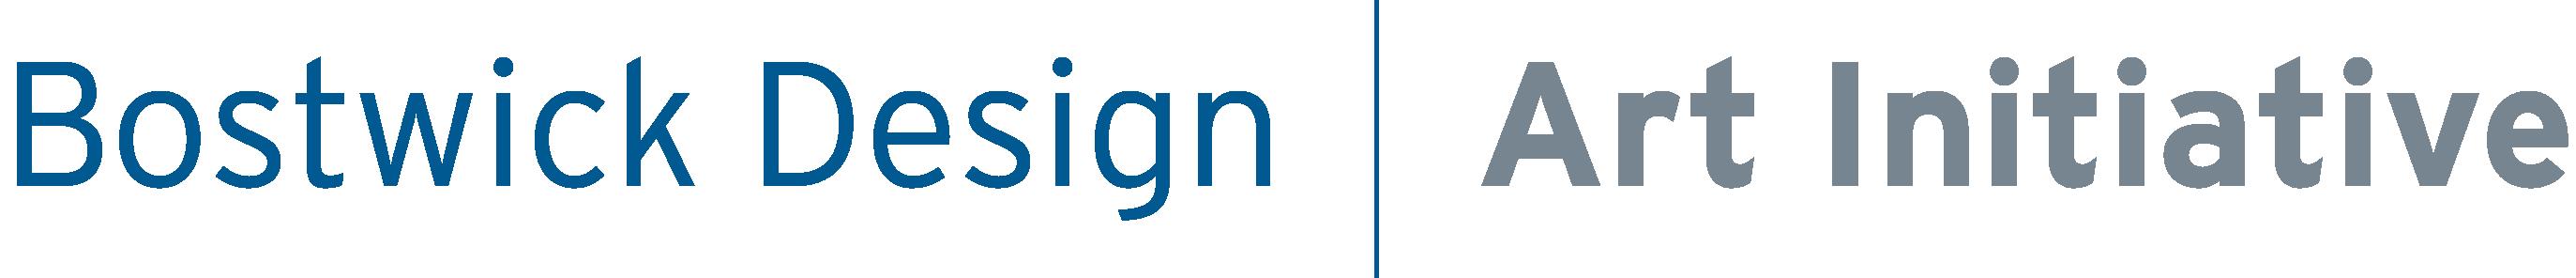 Bostwick Design Art Initiative Logo